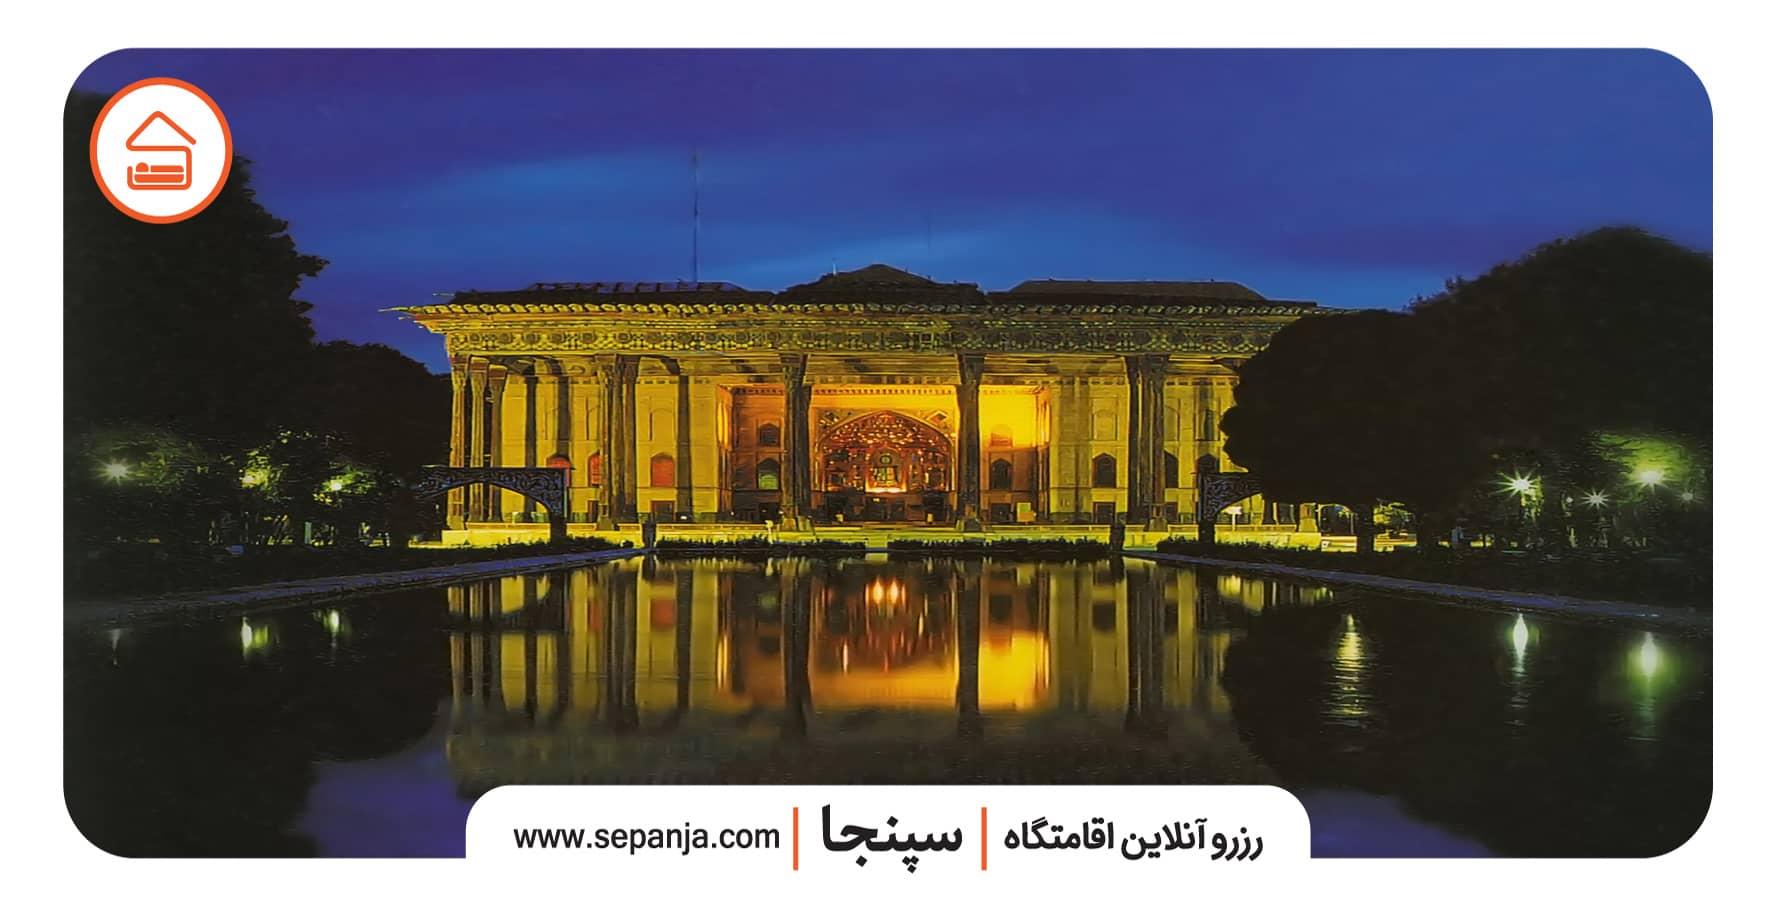 نمایی از معماری کاخ چهل ستون اصفهان